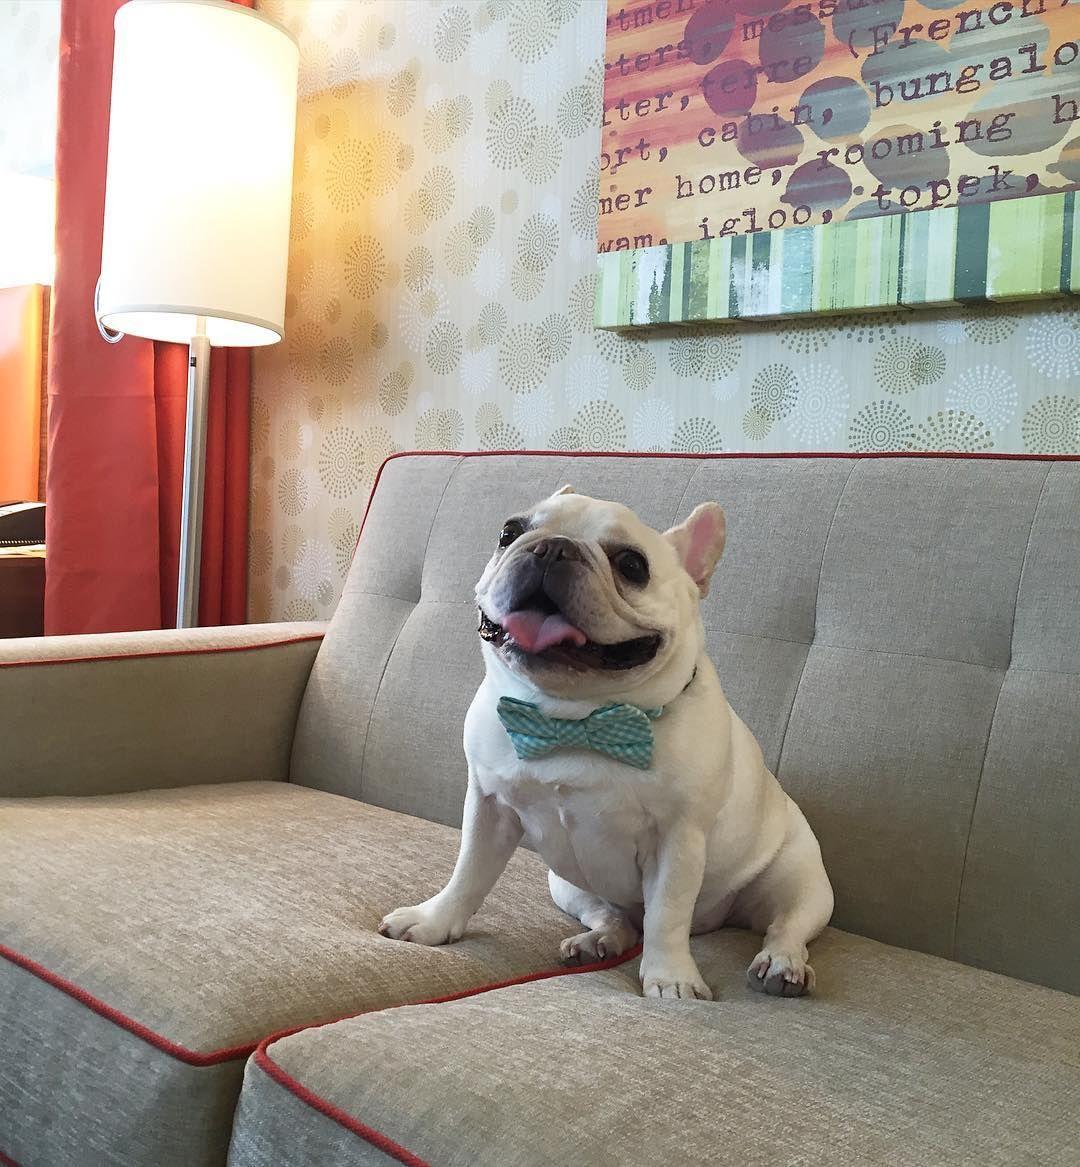 dog イヌ 犬可愛い画像まとめ http://ift.tt/1Vk1mEy